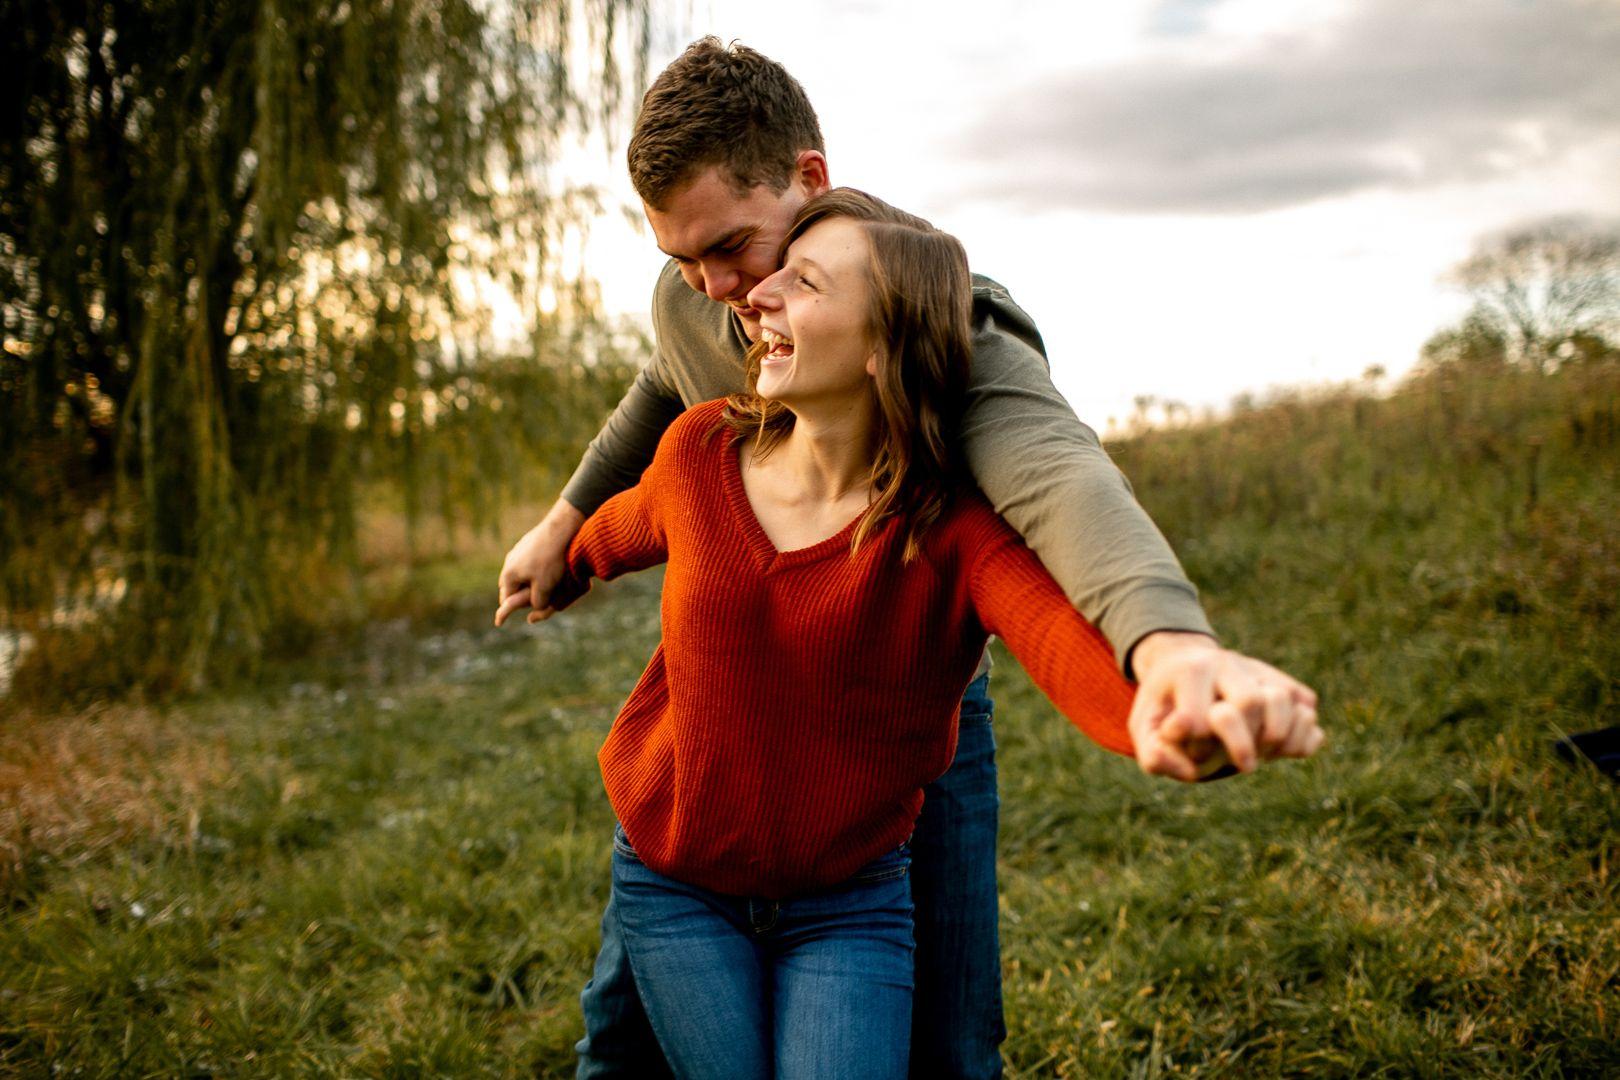 Des-Moines-Engagement-Photographer-19-large